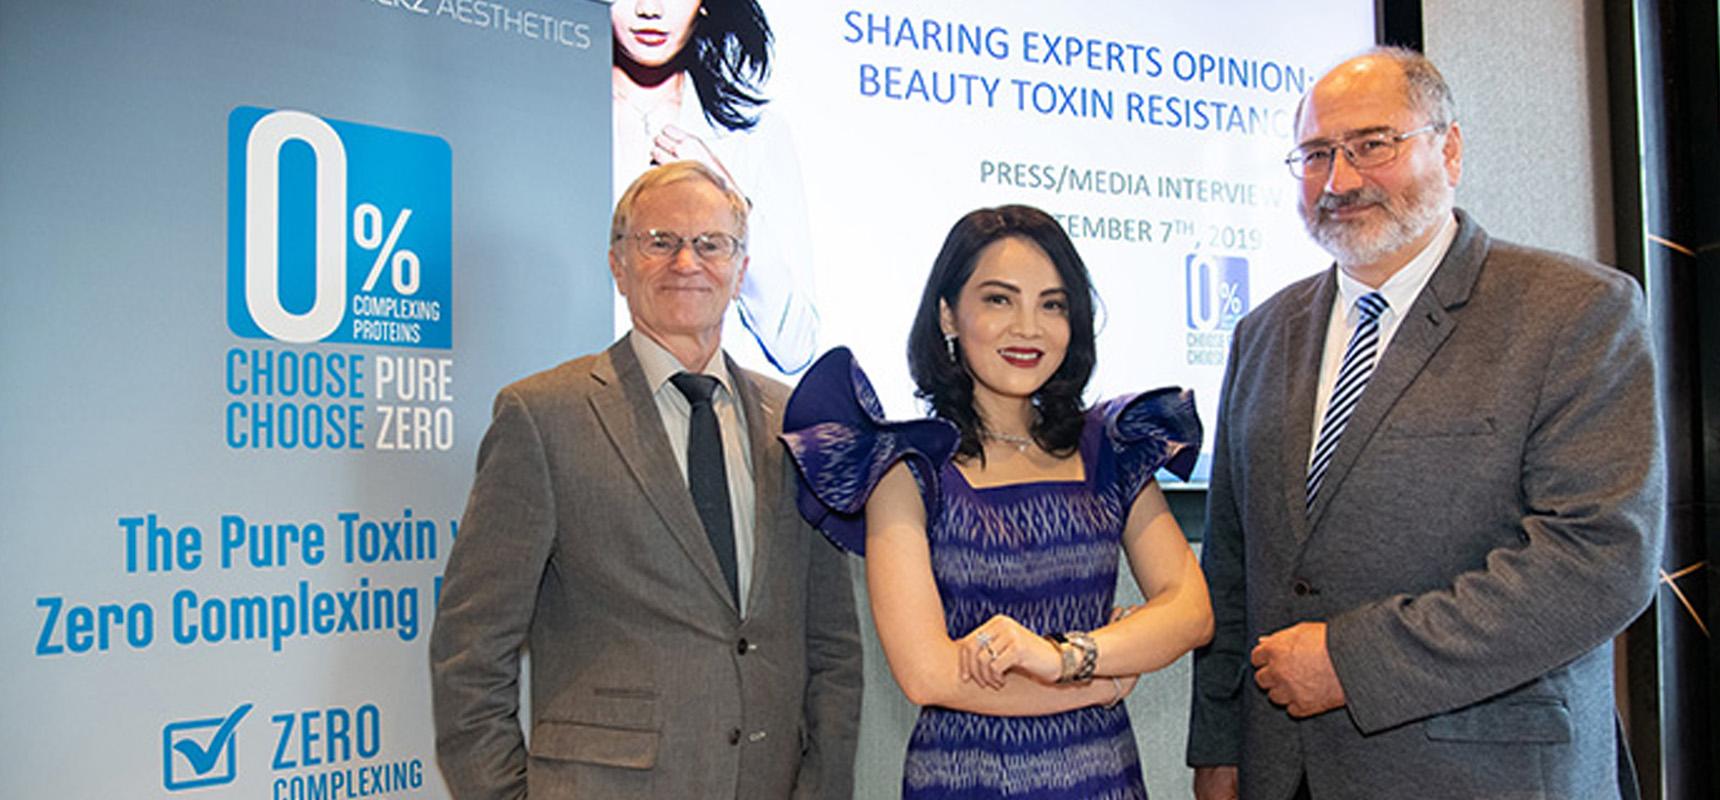 """รศ.พญ.รังสิมา เผยผลงานวิจัยล่าสุด """"สาเหตุดื้อโบ"""" ที่แรกในไทย"""